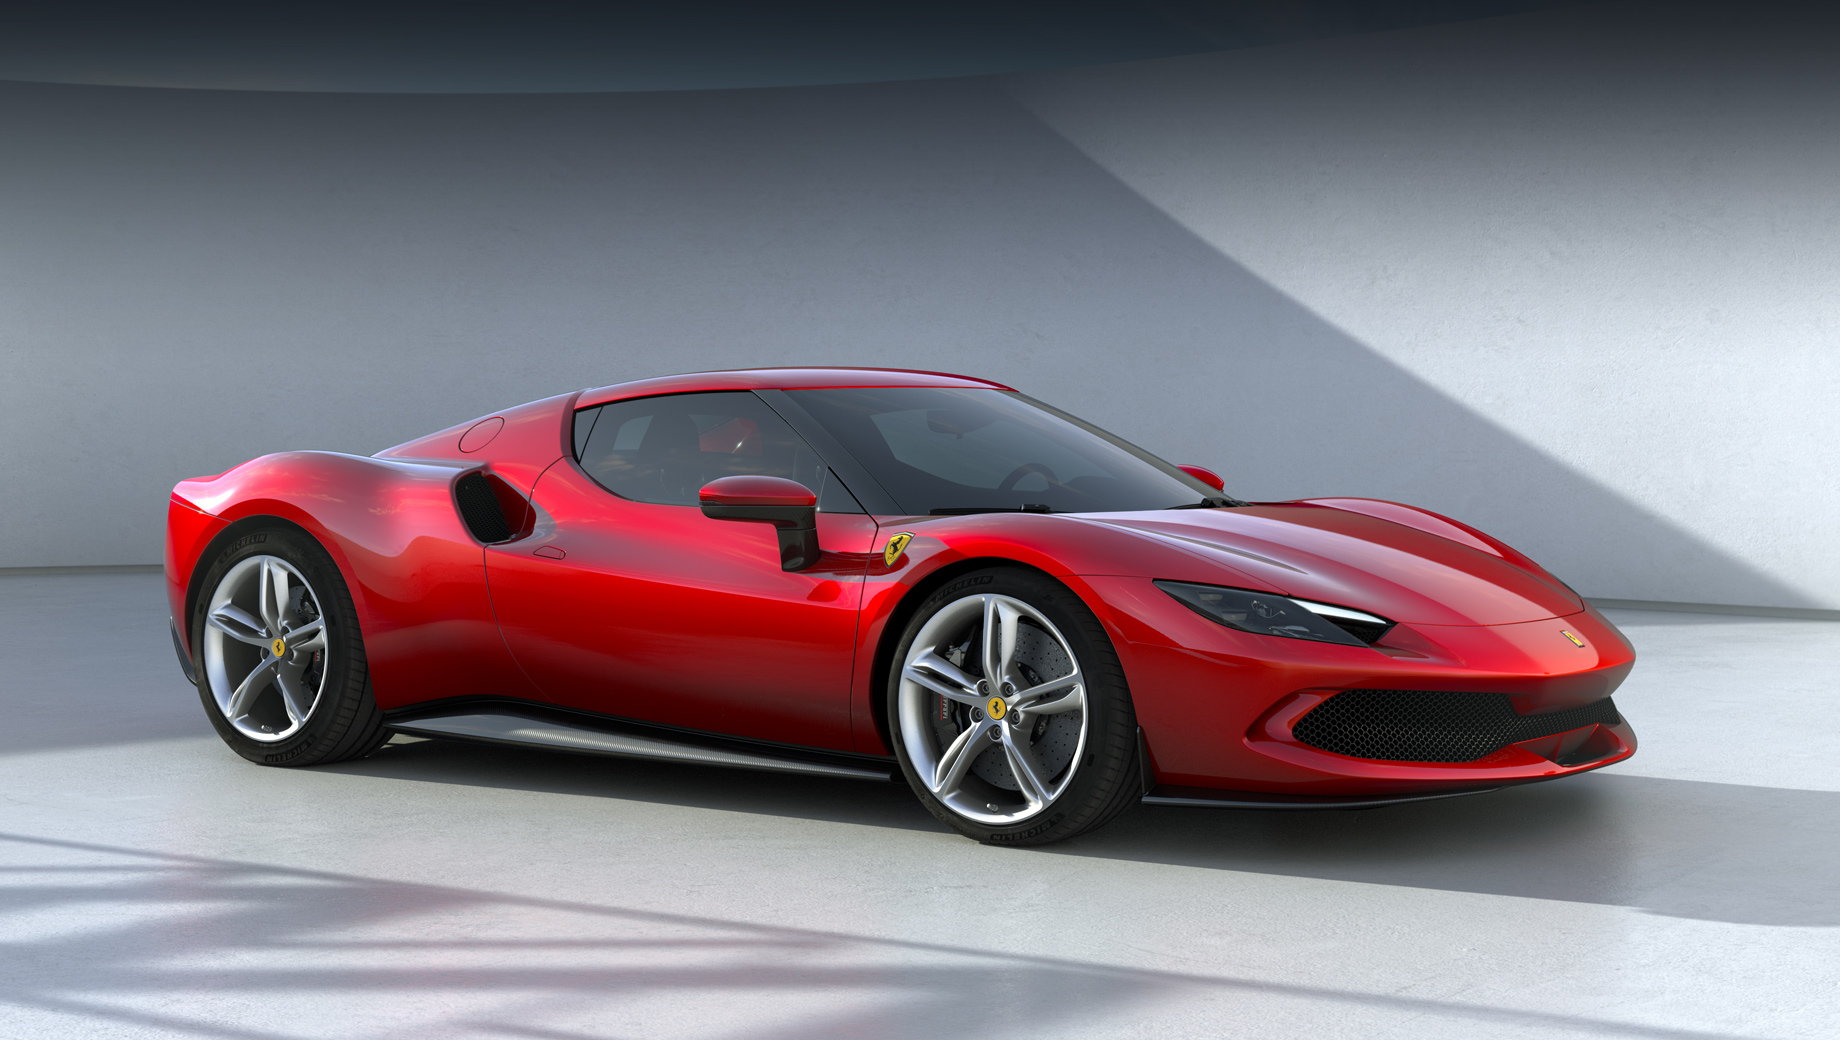 Ferrari 296 gtb. По стилю тут можно найти отсылки к другим Ferrari из актуальной модельной линейке, и всё же этот автомобиль оригинален. Отметьте, кстати, лаконичность образа.